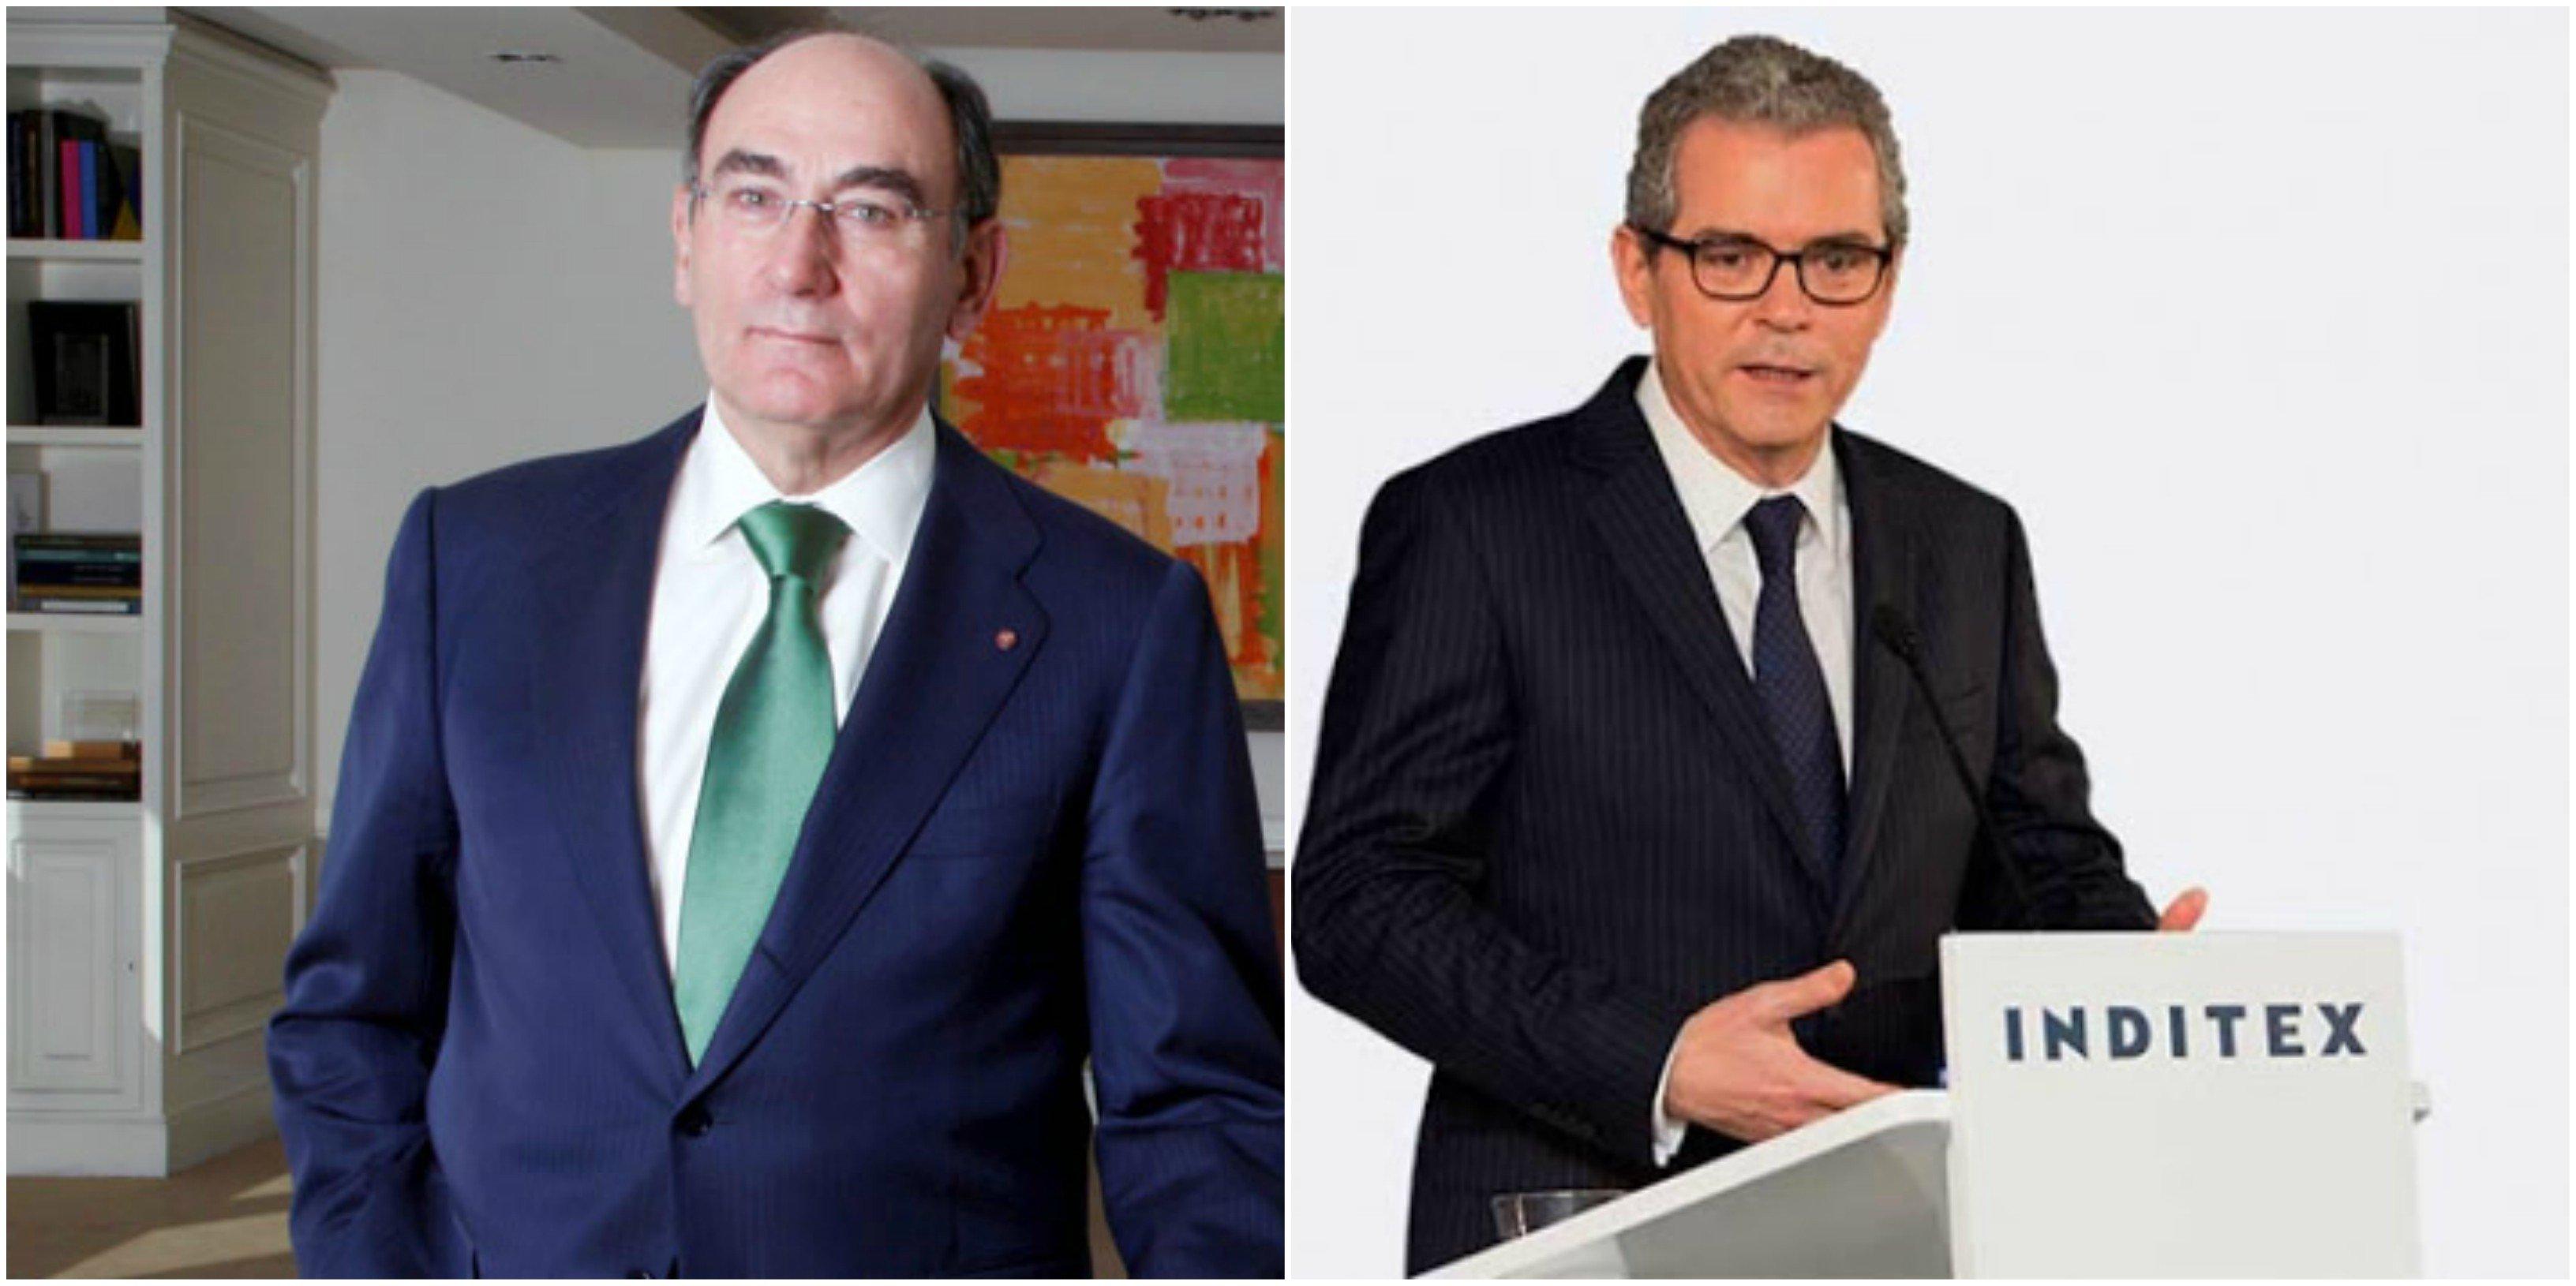 Galán, presidente y CEO de Iberdrola; y Pablo Isla, presidente ejecutivo de Inditex